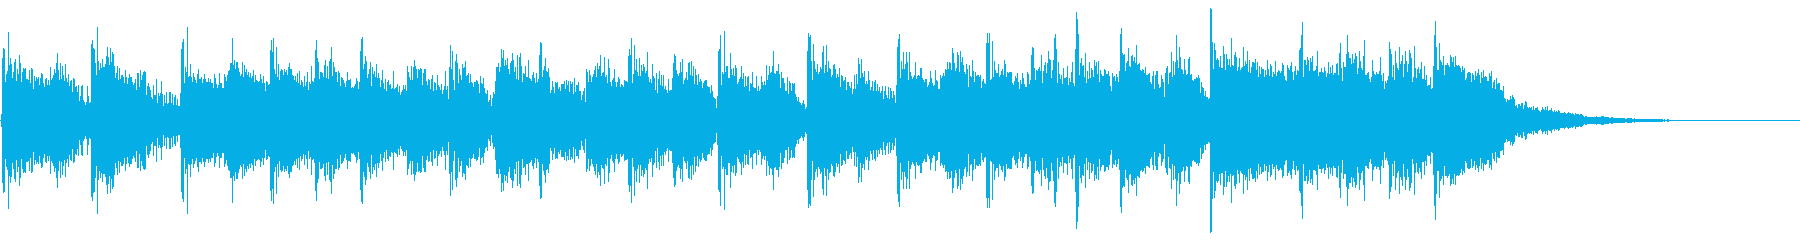 スポーツ系ジングル(9秒)の再生済みの波形